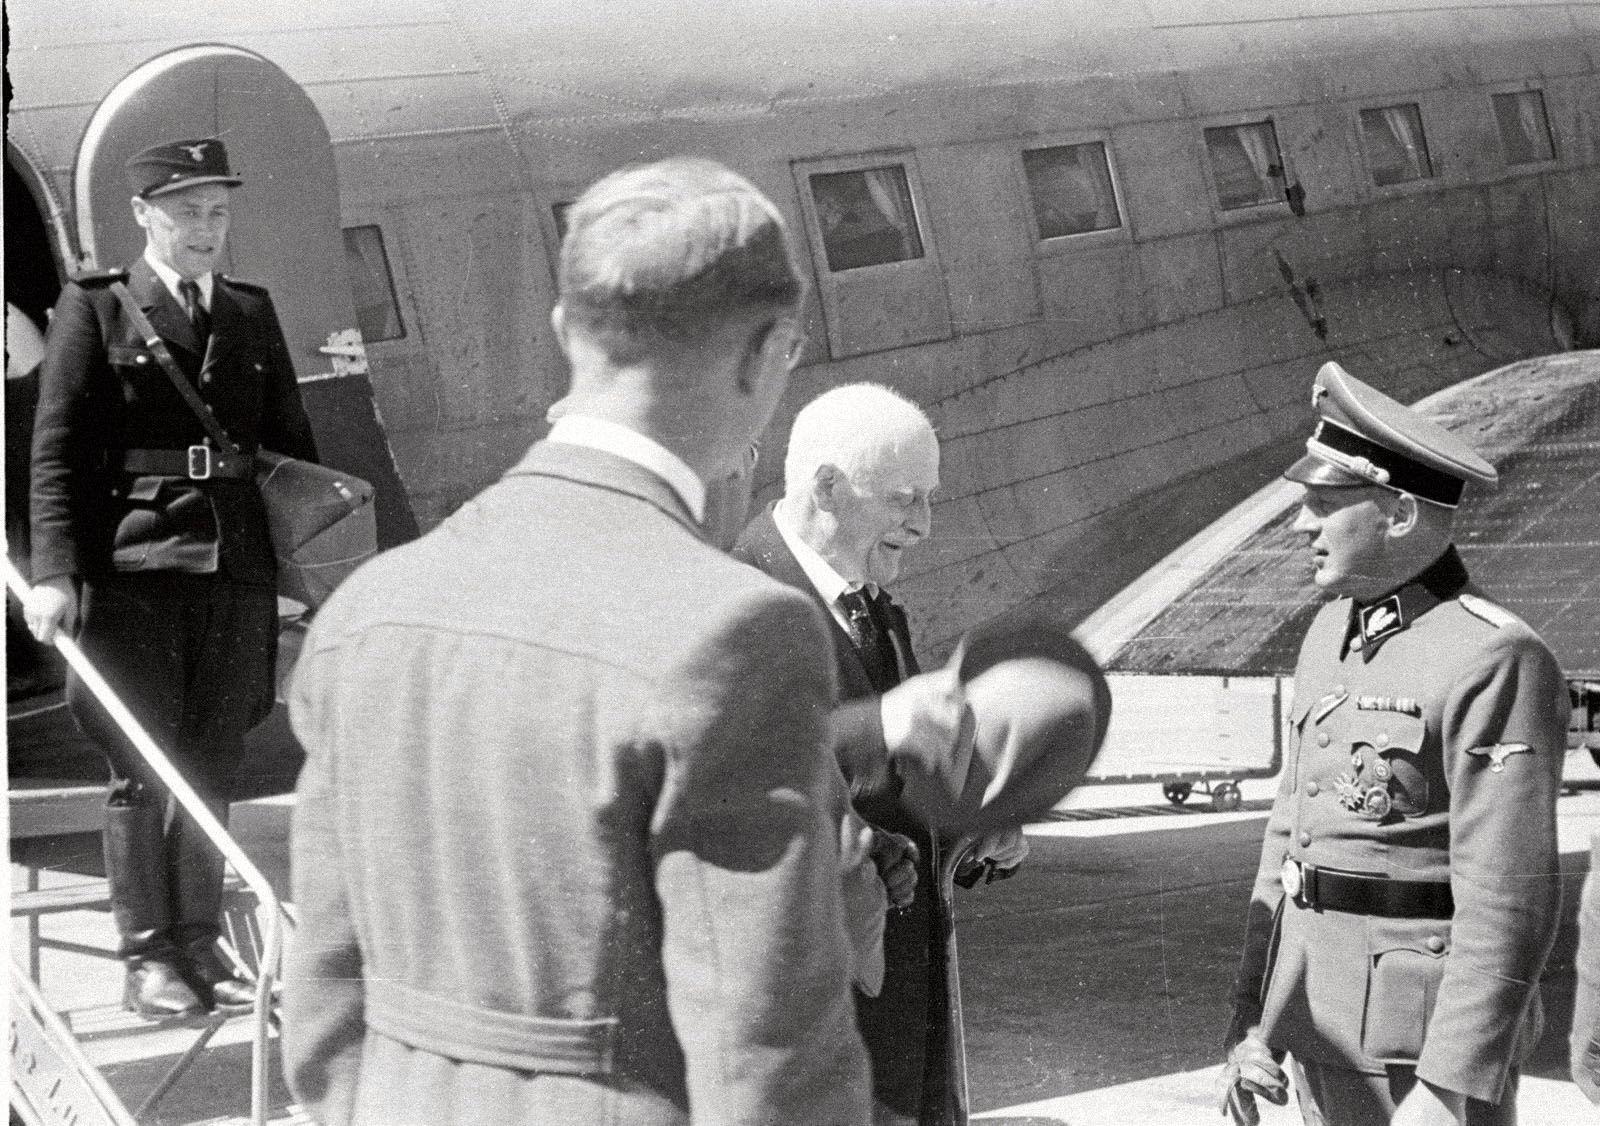 Кнут Гамсун по прибытии в Норвегию 28 июня 1943 года после визита в Германию / Фотограф Оге Кихле, NTB Scanpix aftenposten.no